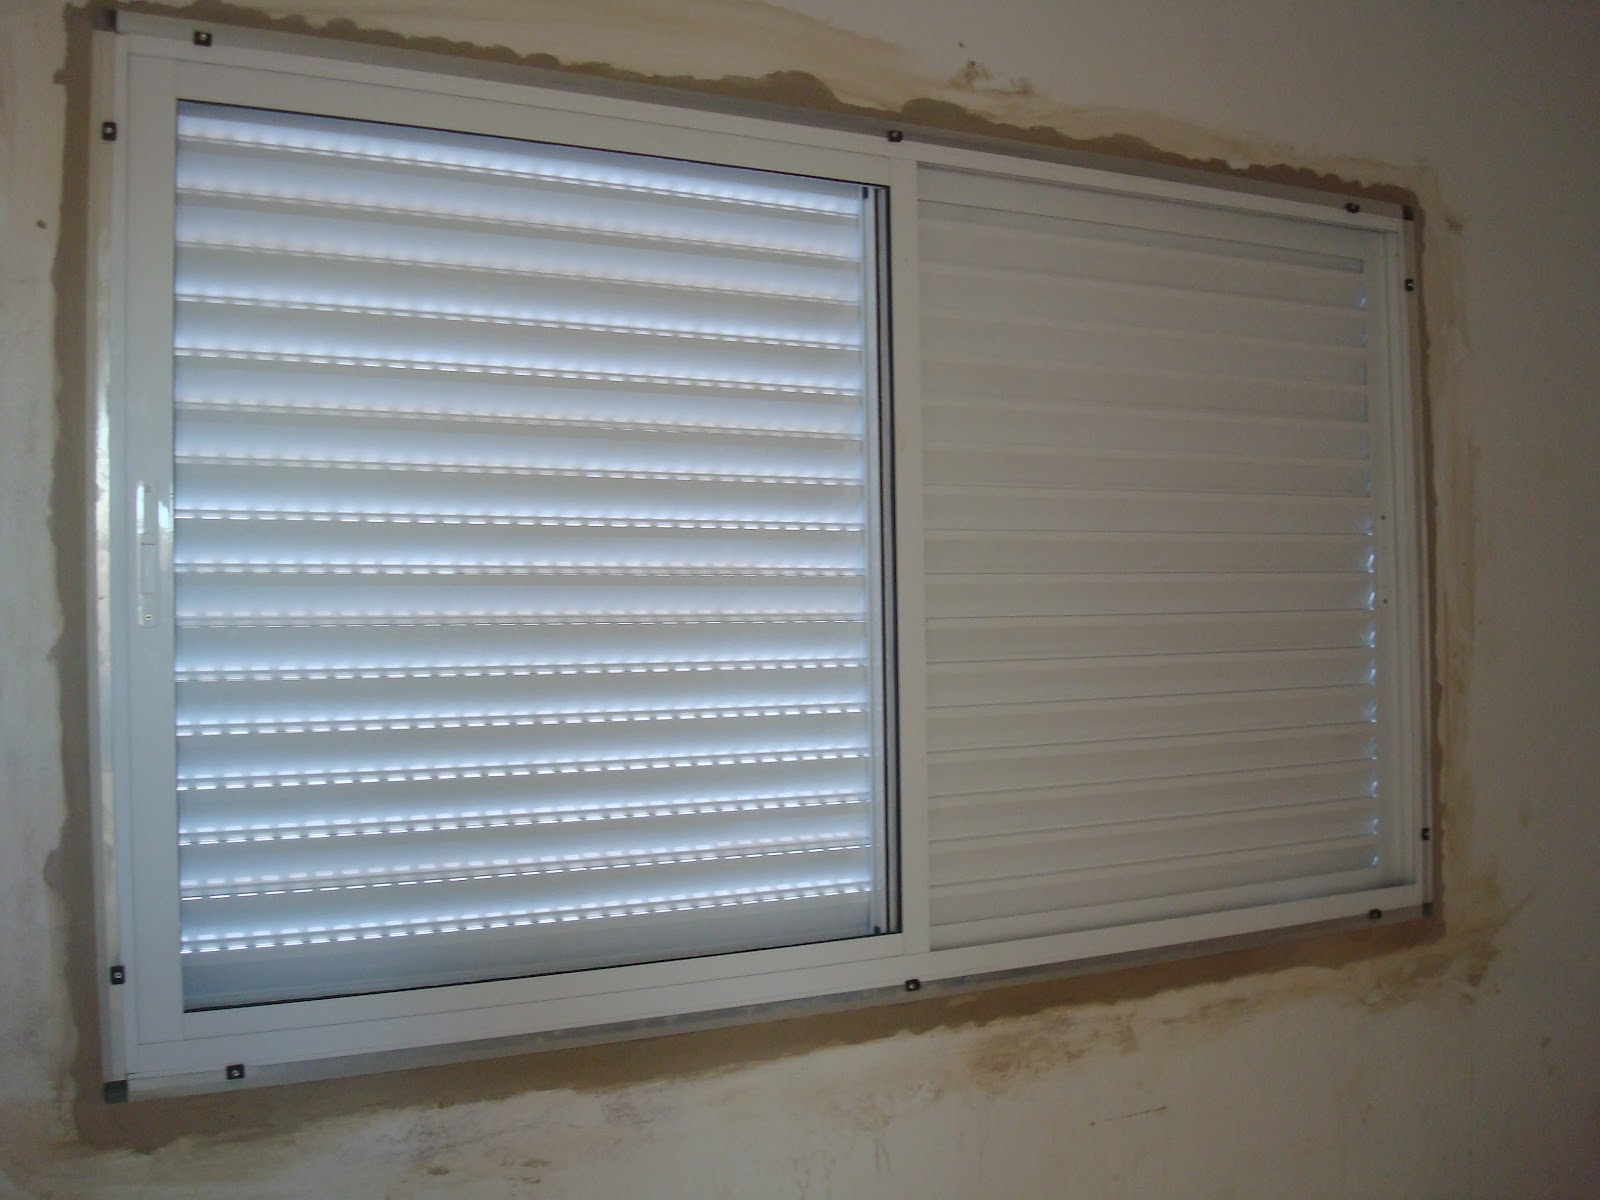 parede ainda vem um acabamento de alumínio em toda volta da janela #4C627F 1600 1200